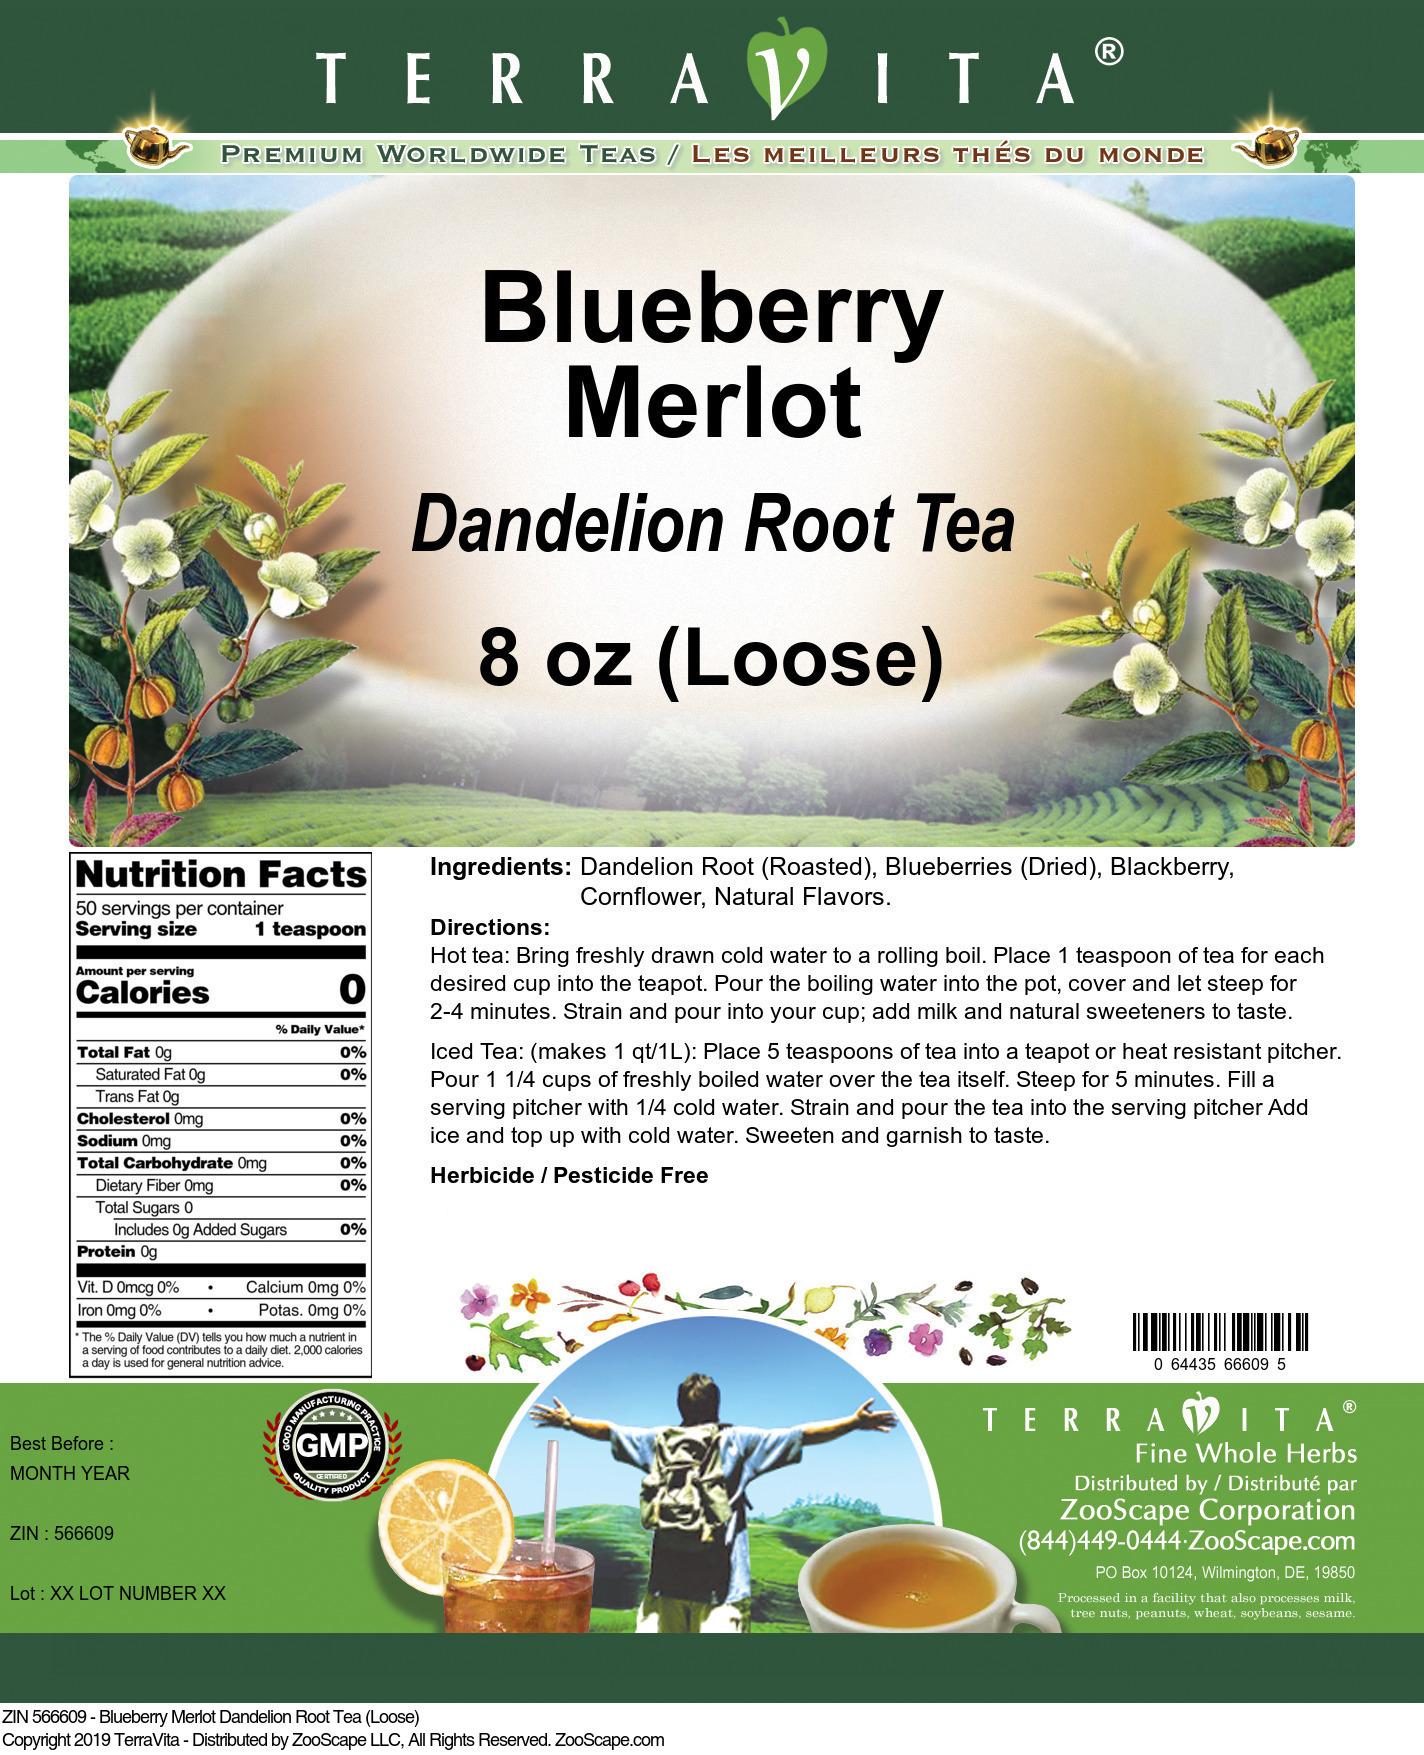 Blueberry Merlot Dandelion Root